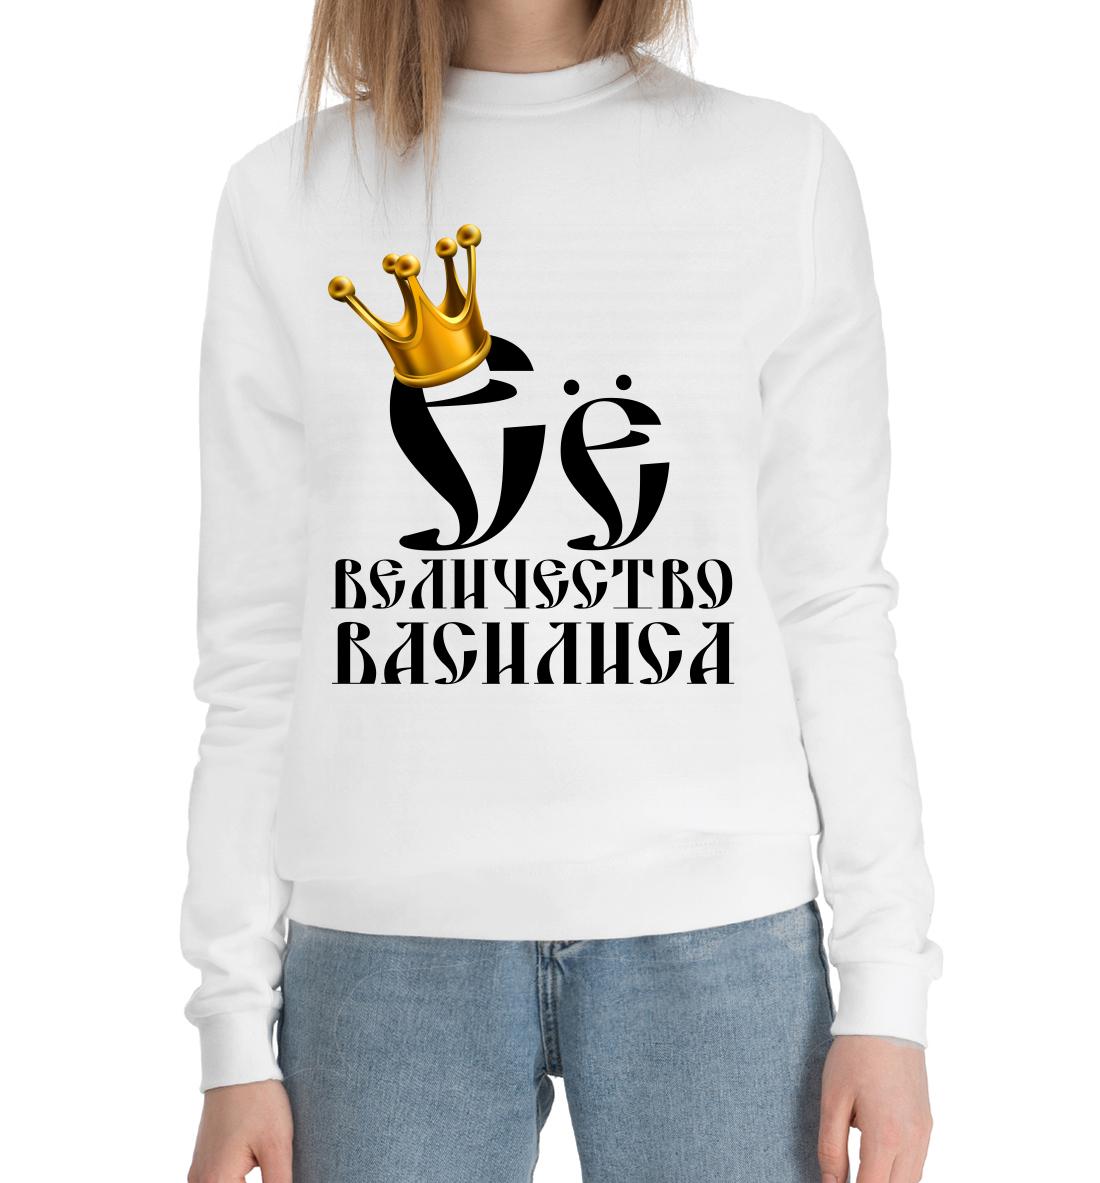 Фото - Её величество Василиса её величество василиса